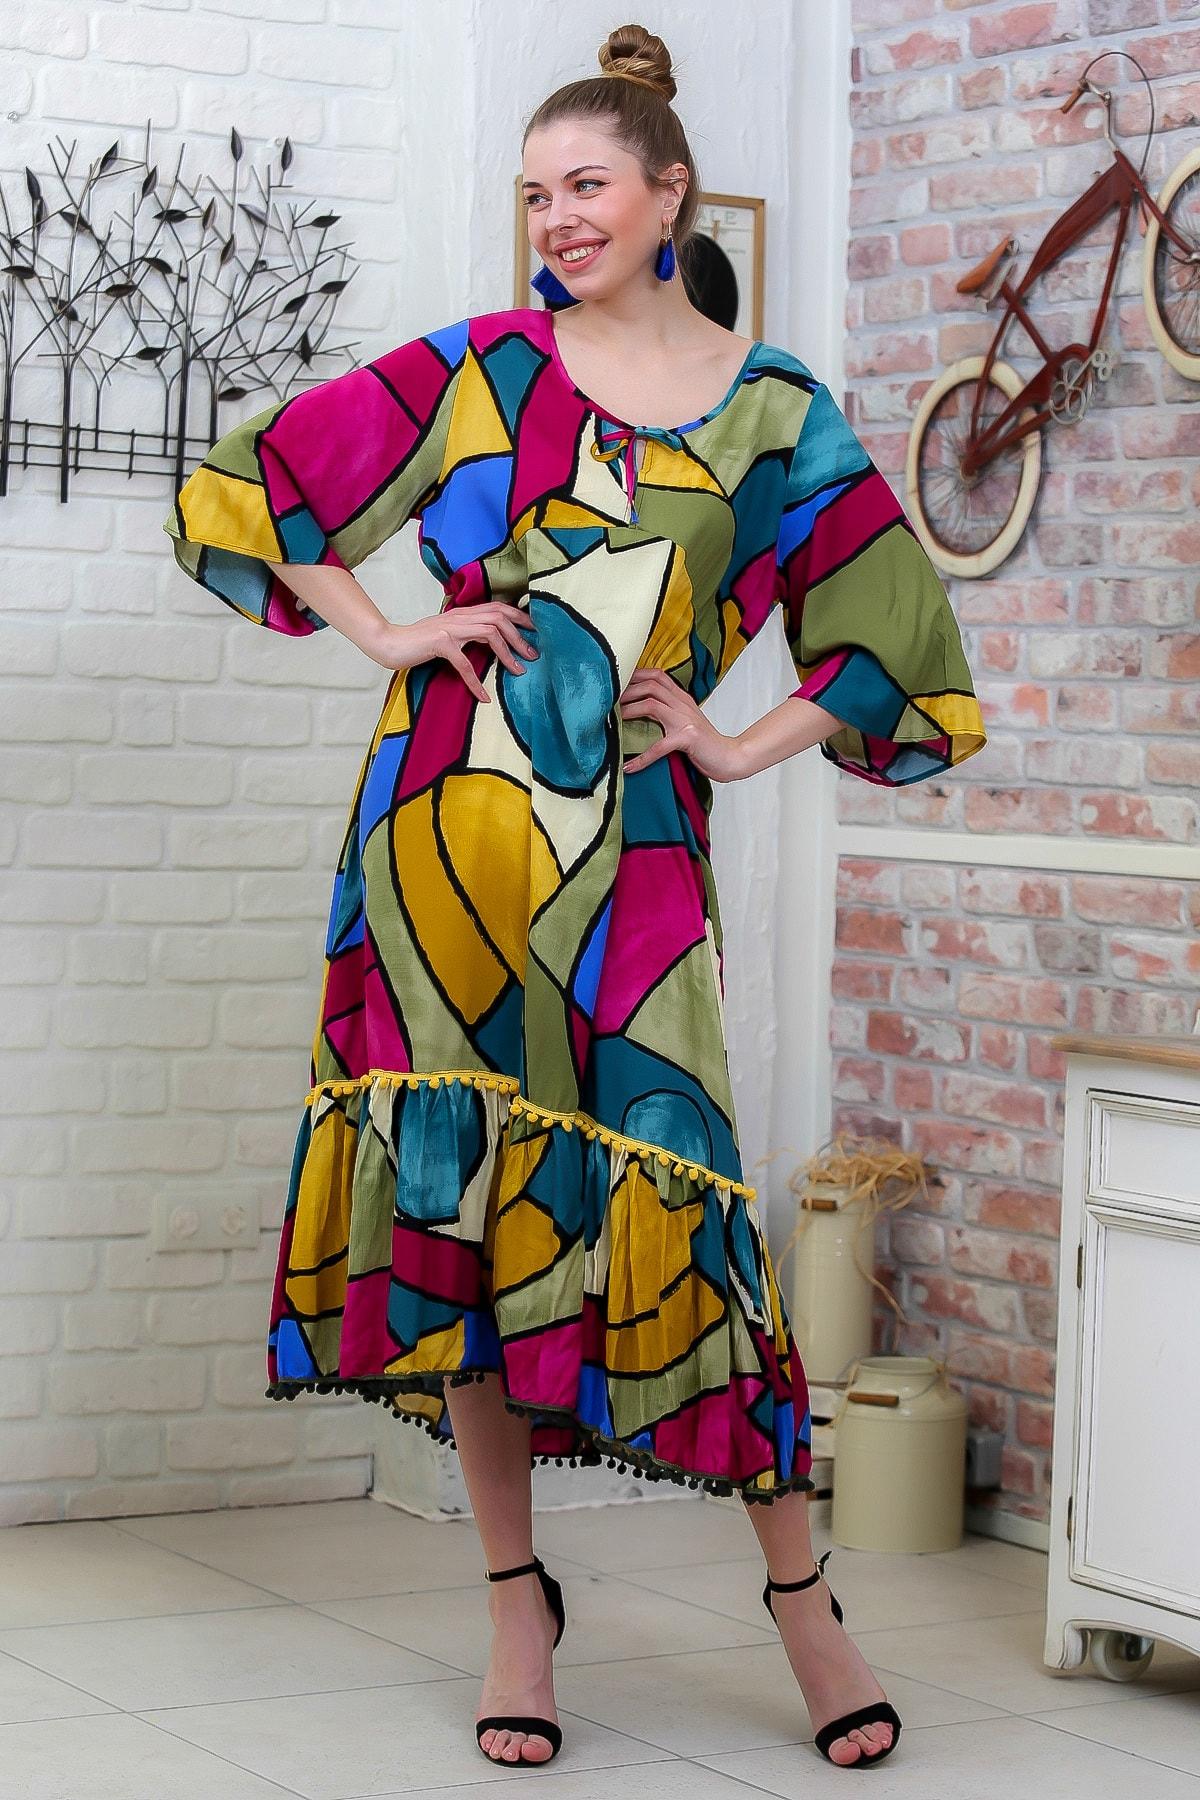 Chiccy Kadın Fuşya-Sarı Kübist Renkler Desenli 3/4 Kol Etek Ucu Ponpon Detay Dokuma Elbise M10160000EL95772